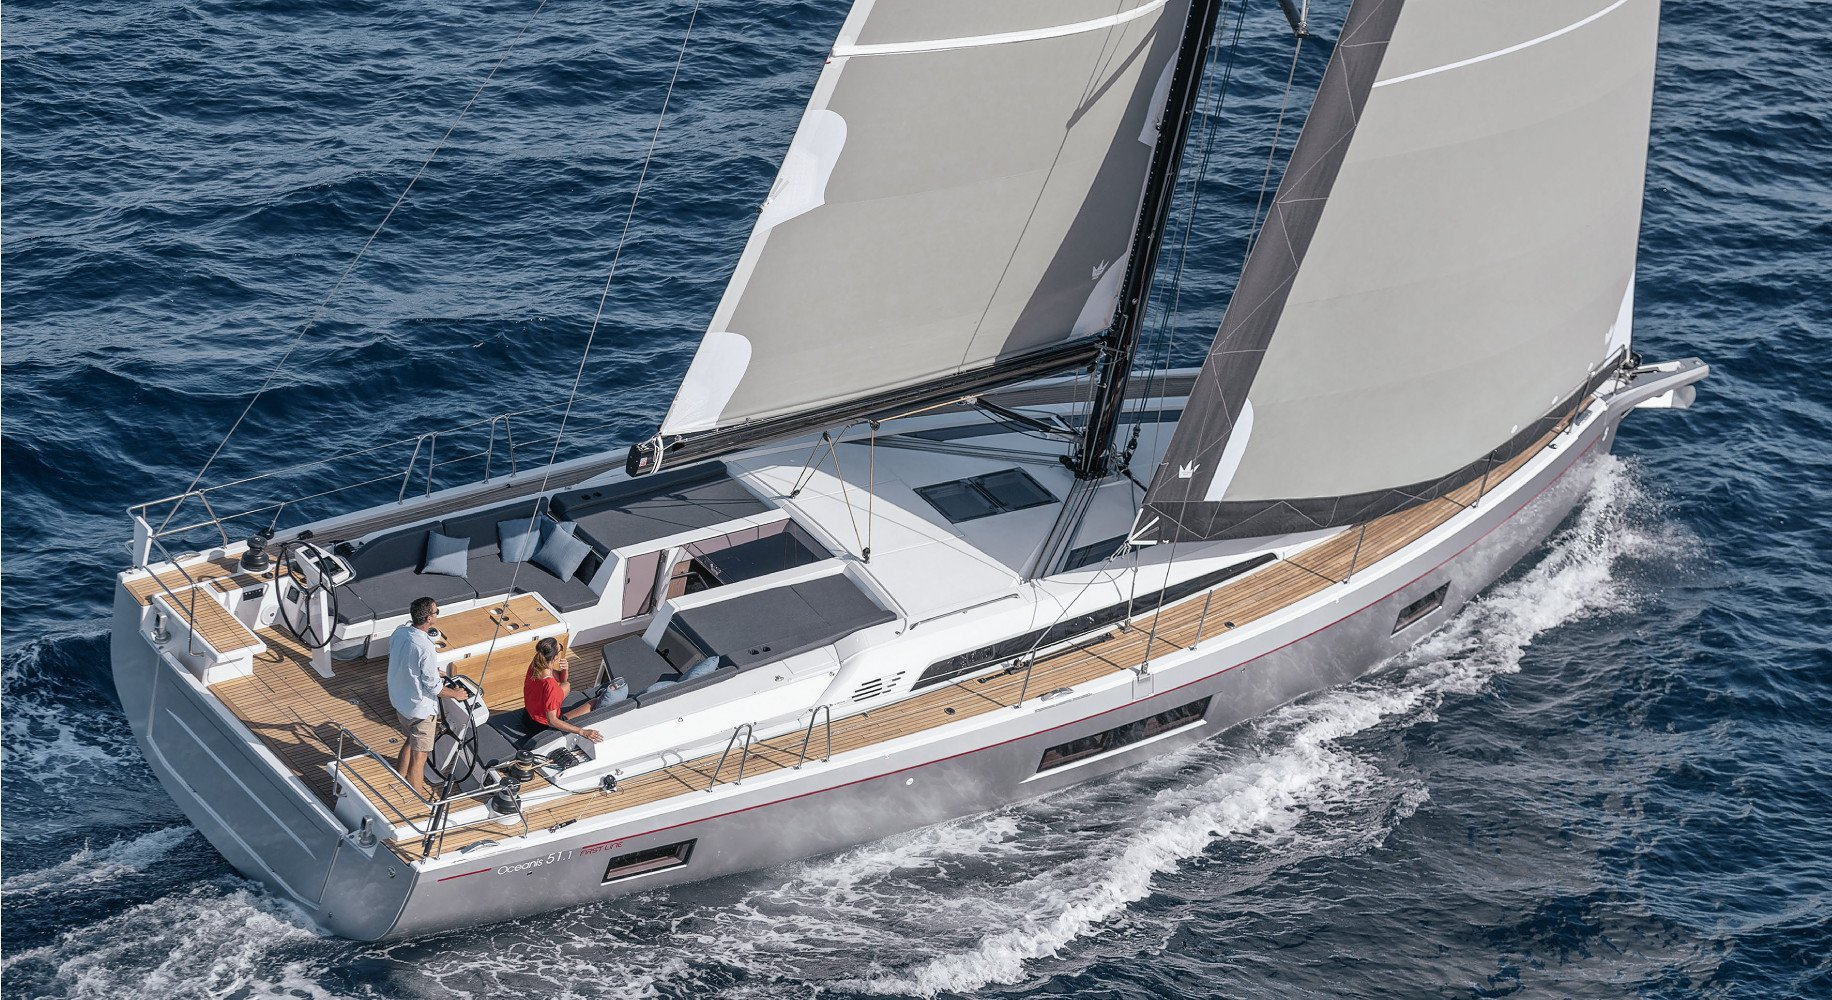 Sunsail Oceanis 51.1 Oceanis 51.1